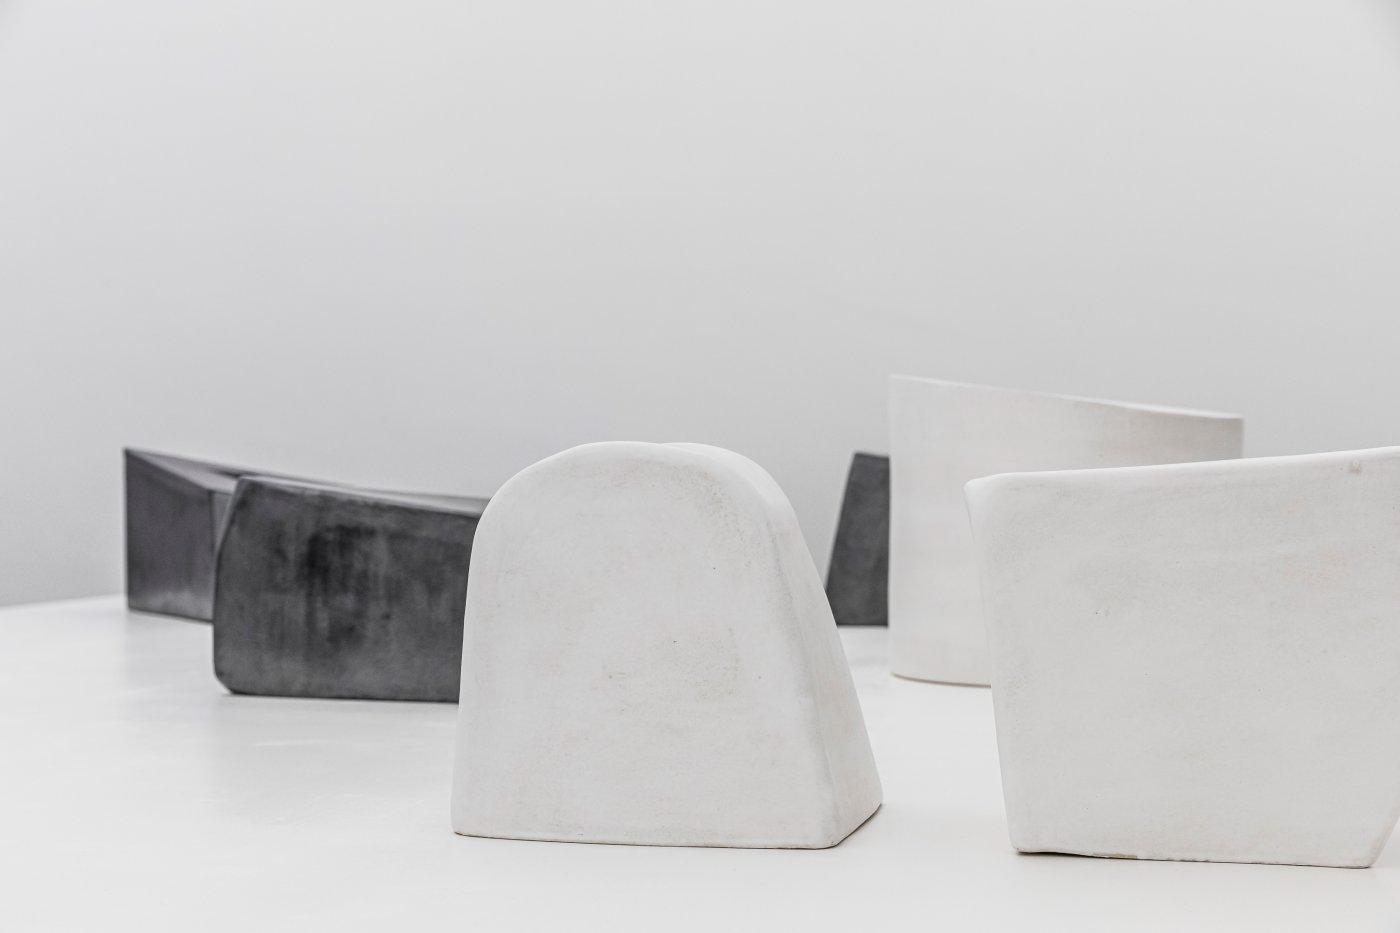 Hausler Contemporary Sebastien de Ganay 5